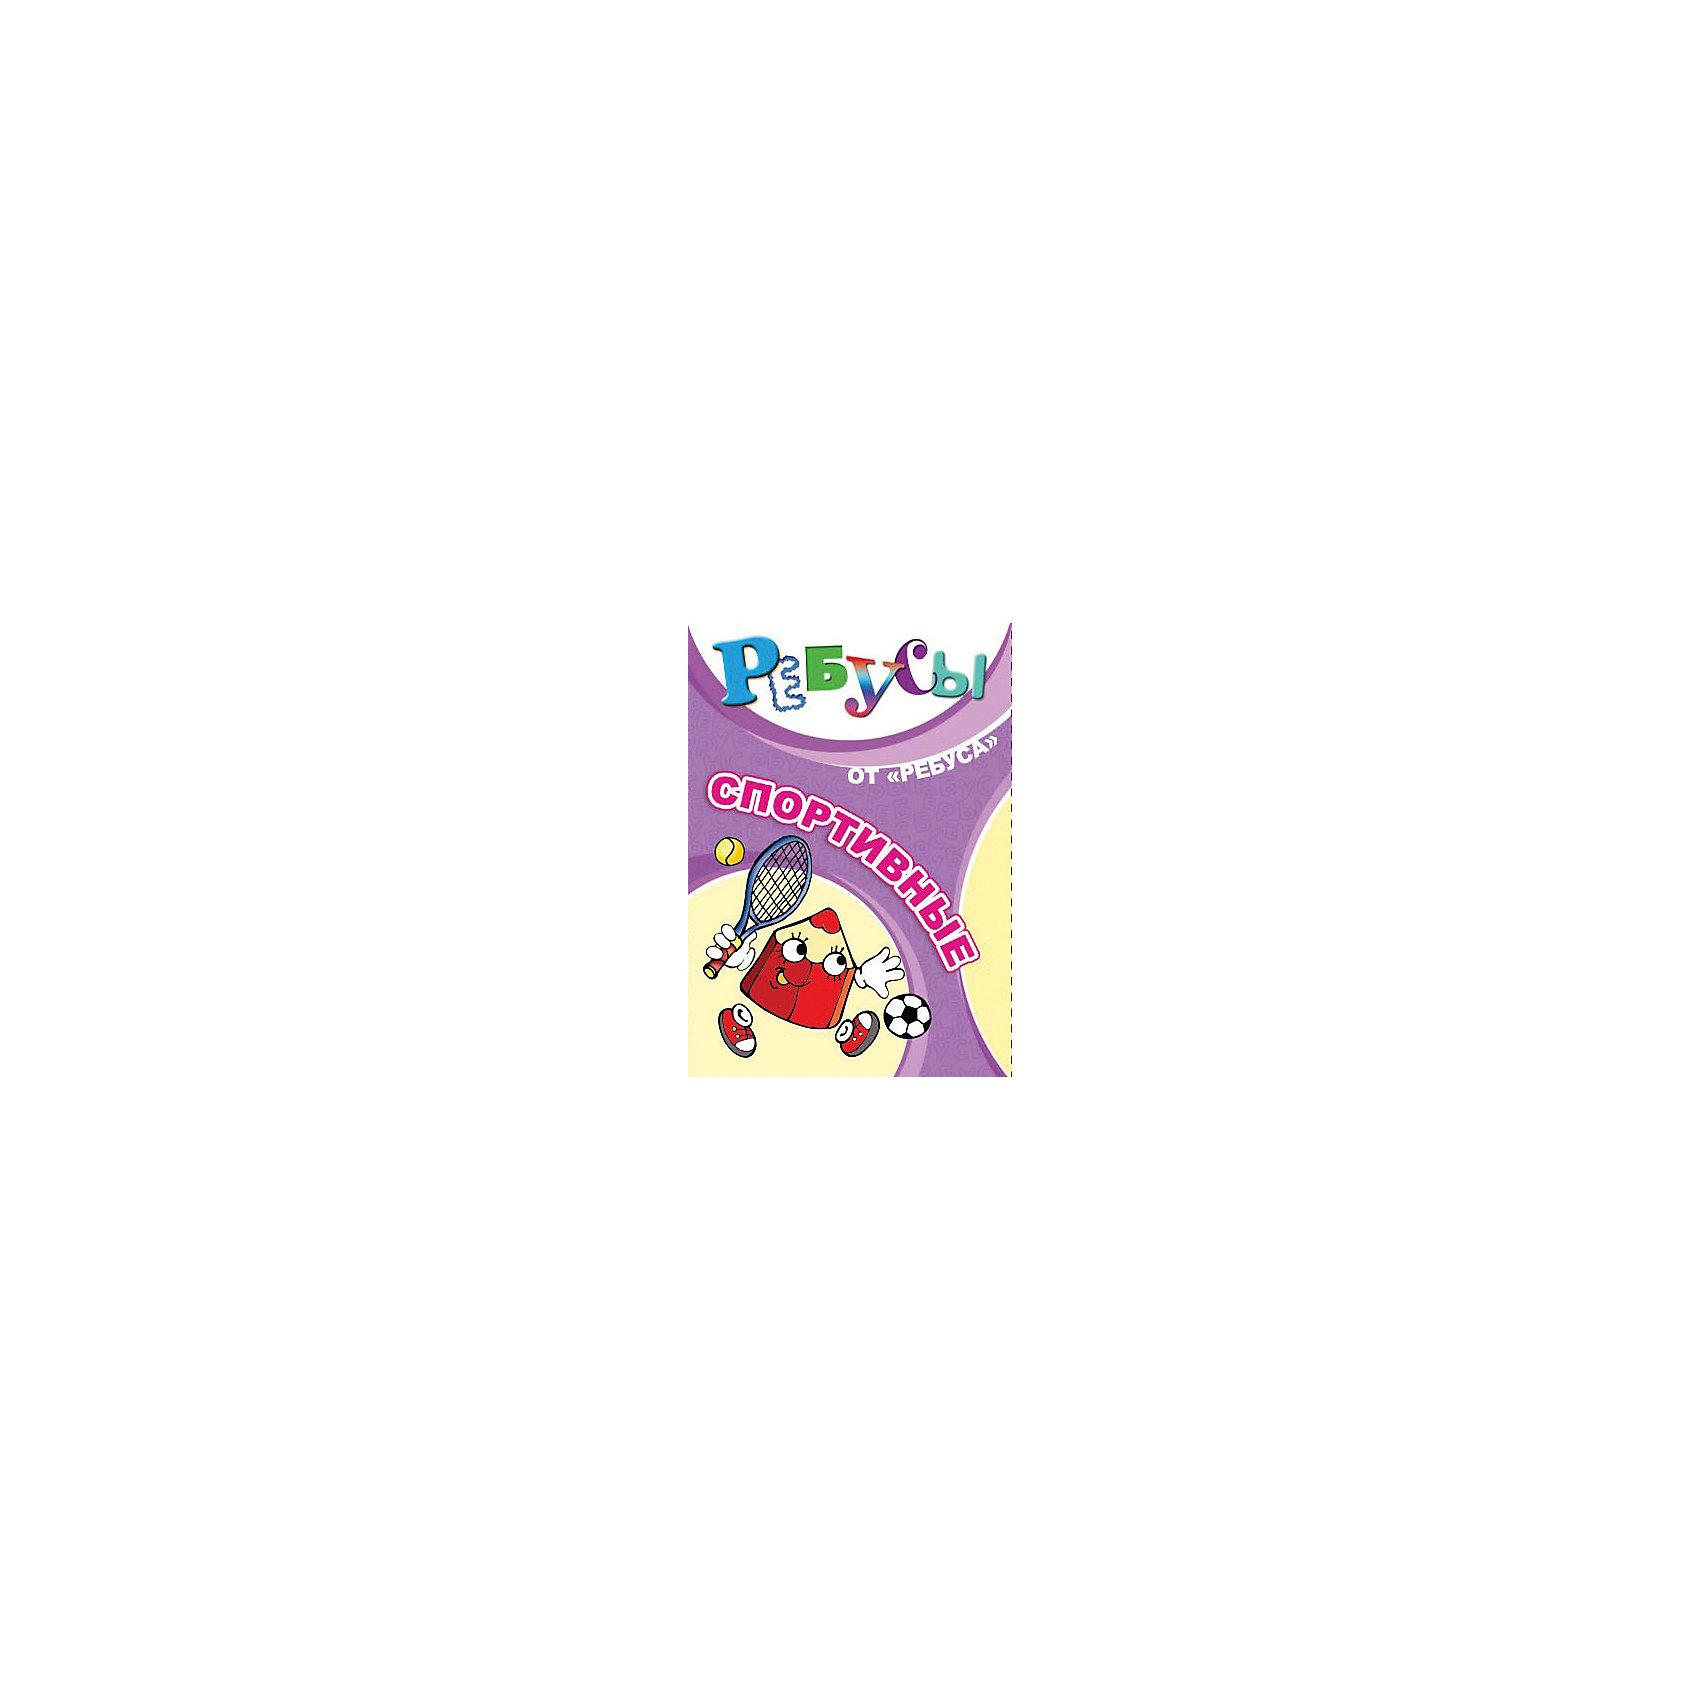 Ребусы  Спортивные, Игротека Татьяны БарчанВикторины и ребусы<br>Ребусы Спортивные, Игротека Татьяны Барчан.<br><br>Характеристики:<br><br>• Для детей в возрасте: от 6 до 12 лет<br>• В комплекте: 20 карточек с ребусами, инструкция, ответы<br>• Размер карточек: 10х6,5 см.<br>• Материал: плотный качественный картон<br>• Производитель: ЦОТР Ребус (Россия)<br>• Упаковка: картонная коробка<br>• Размер упаковки: 115х85х20 мм.<br>• Вес: 60 гр.<br><br>Для юных спортсменов и интеллектуалов комплект игровых карточек с ребусами станет отличным развлечением на досуге. В наборе 20 зашифрованных слов на спортивную тему и инструкция с описаниями того, как следует читать картинки, что означают нарисованные запятые, перечеркнутые буквы и числа. <br><br>Задания можно использовать в конкурсах, викторинах, на праздниках. Небольшой формат позволяет взять игру в дорогу. Занимательный процесс разгадывания ребусов способствует развитию у детей внимания, пространственно-логического мышления и наблюдательности.<br><br>Ребусы Спортивные, Игротека Татьяны Барчан можно купить в нашем интернет-магазине.<br><br>Ширина мм: 120<br>Глубина мм: 85<br>Высота мм: 20<br>Вес г: 50<br>Возраст от месяцев: 72<br>Возраст до месяцев: 144<br>Пол: Унисекс<br>Возраст: Детский<br>SKU: 6751355